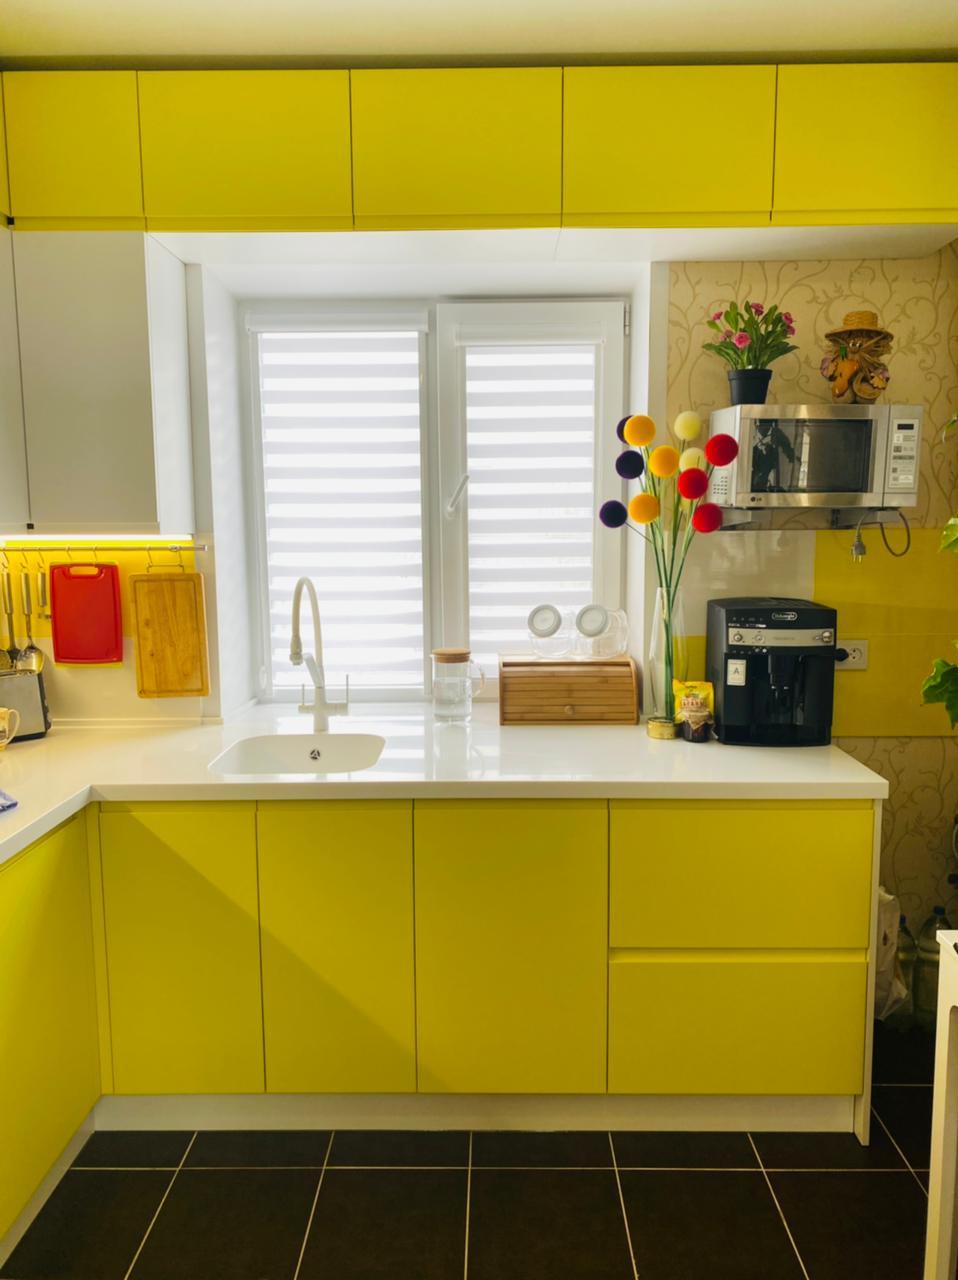 Второе фото Бело желтая кухня под потолок с интегрированными ручками